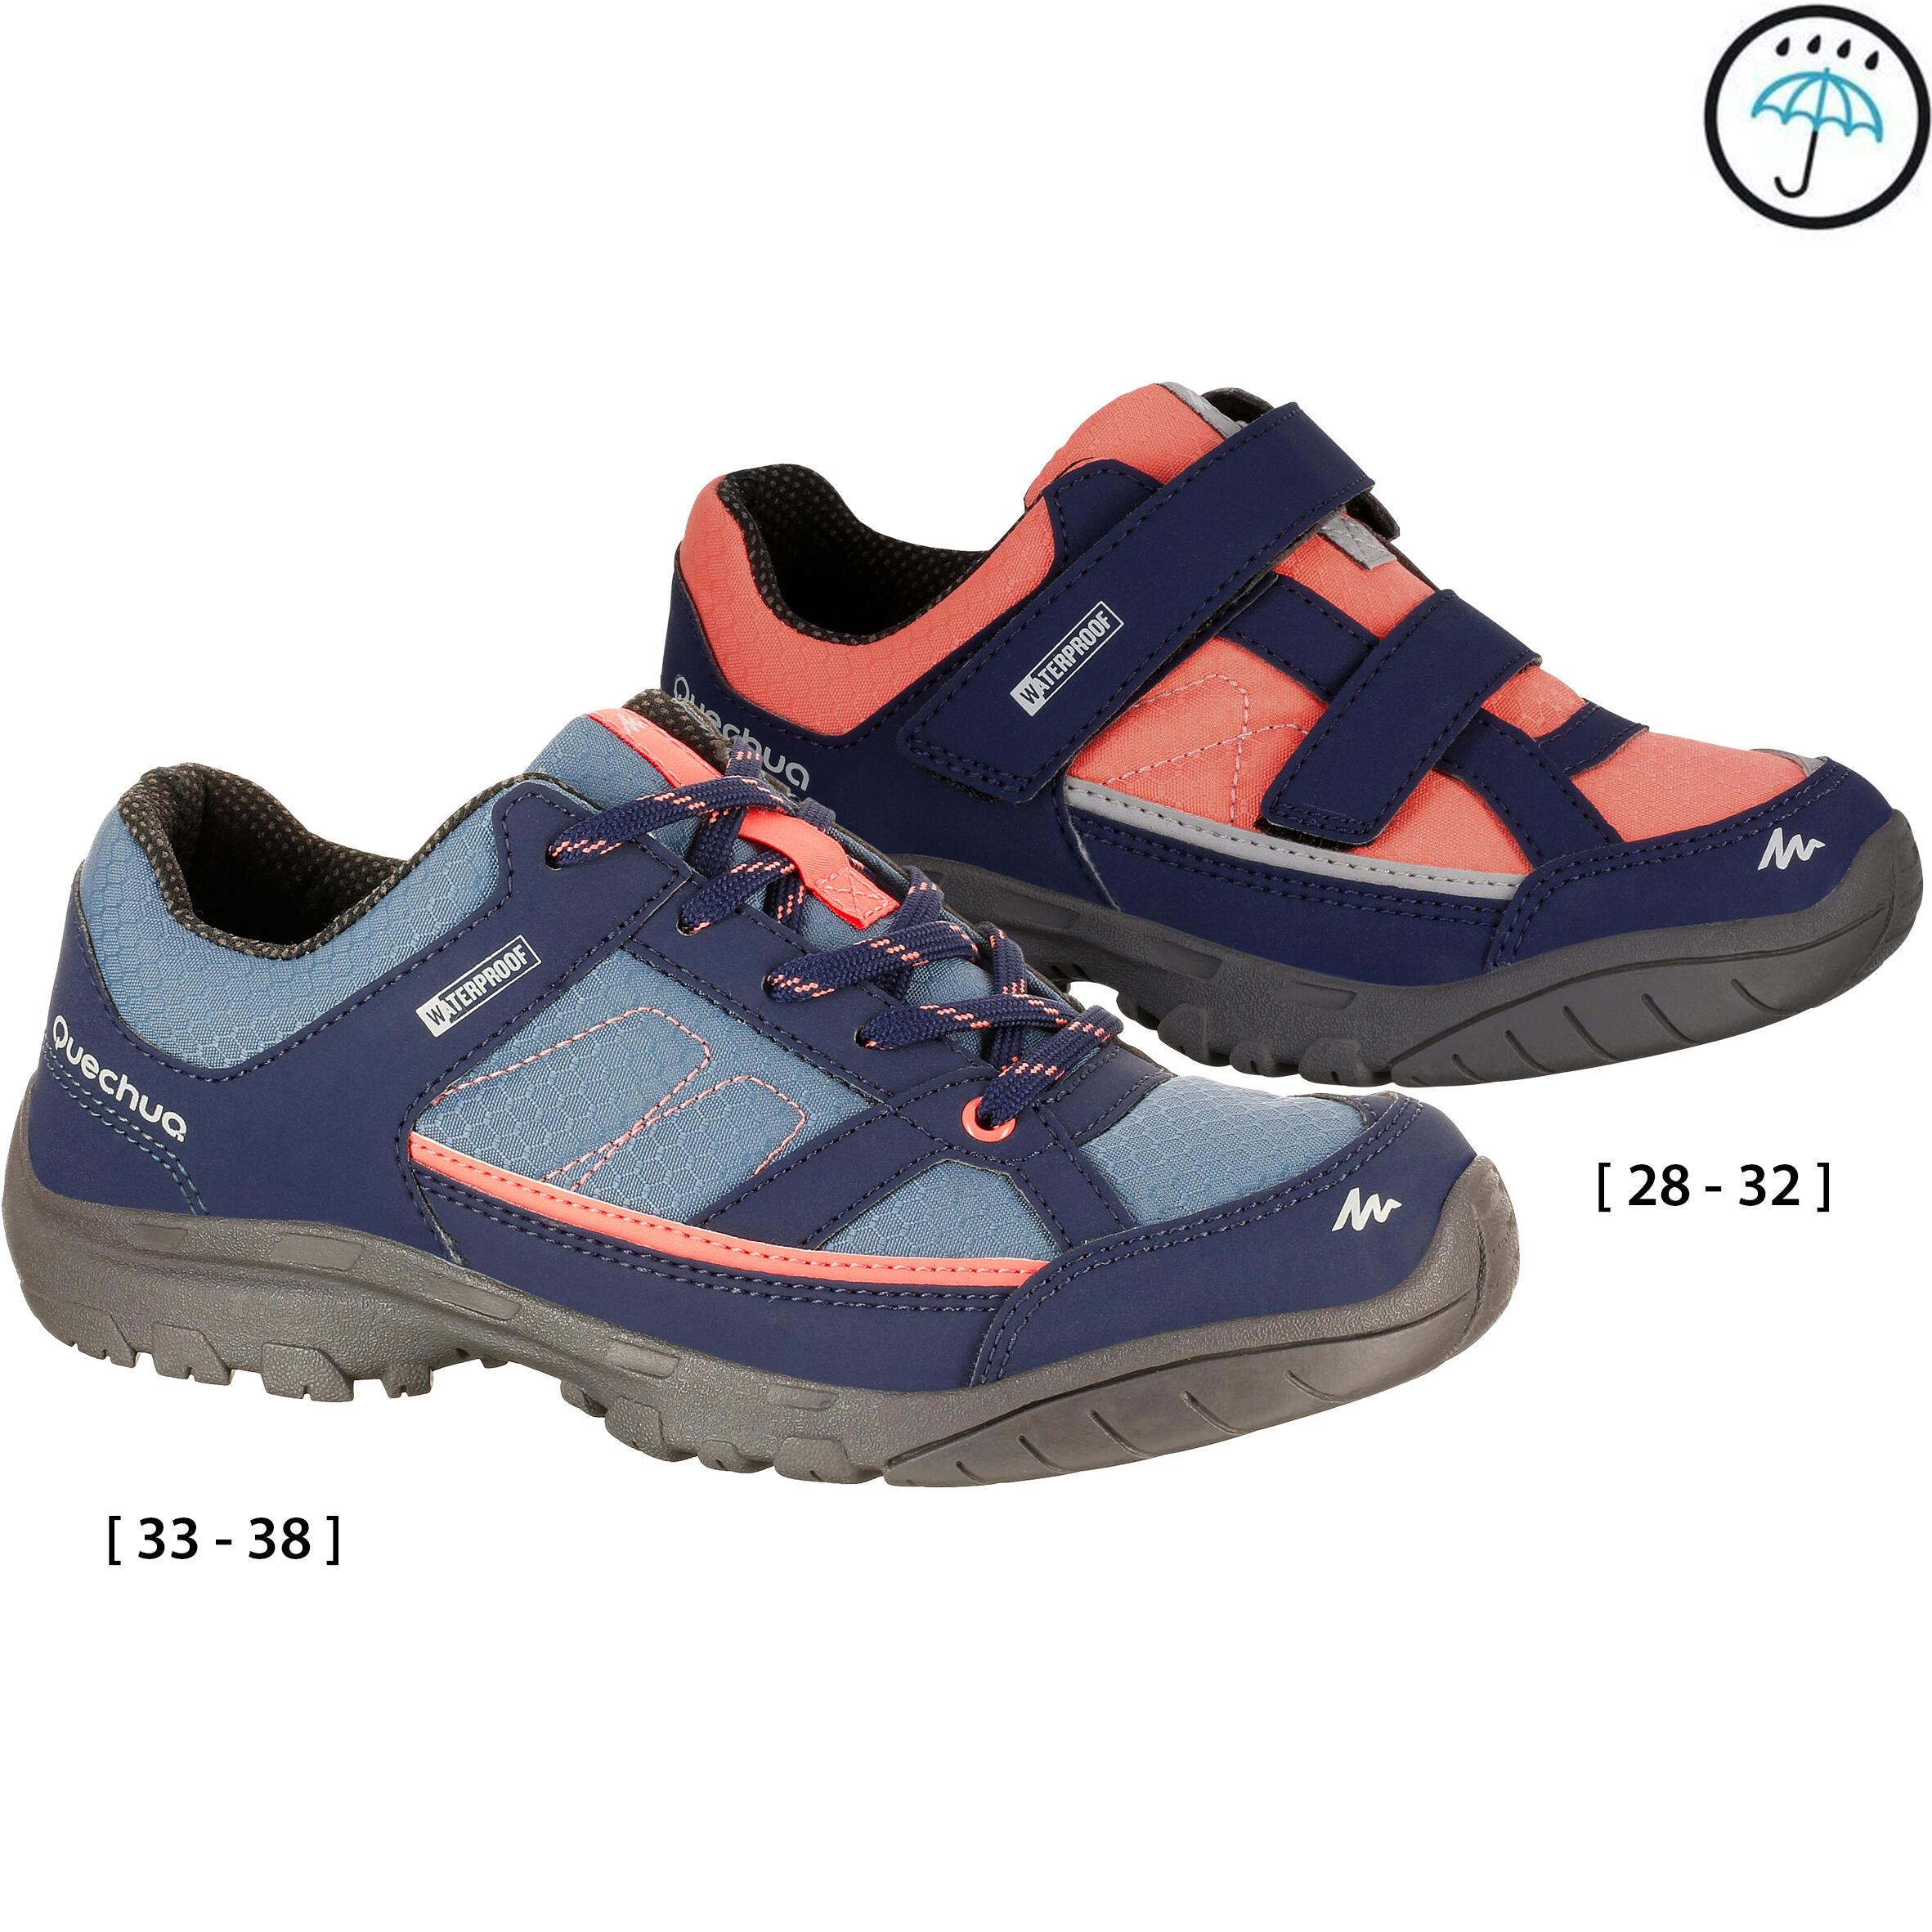 Bleues De Randonnée Corail Imperméables Enfant Nh100 Chaussures wn0mNv8